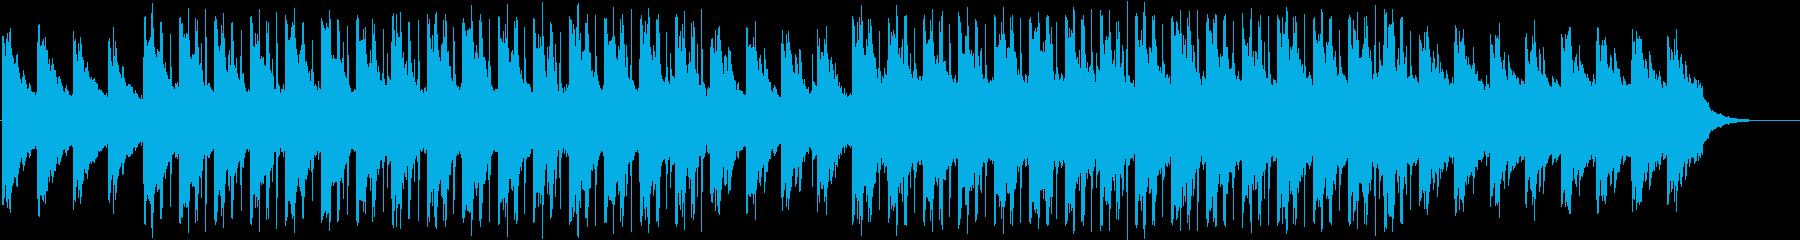 神秘的で切ないチルアウトの再生済みの波形